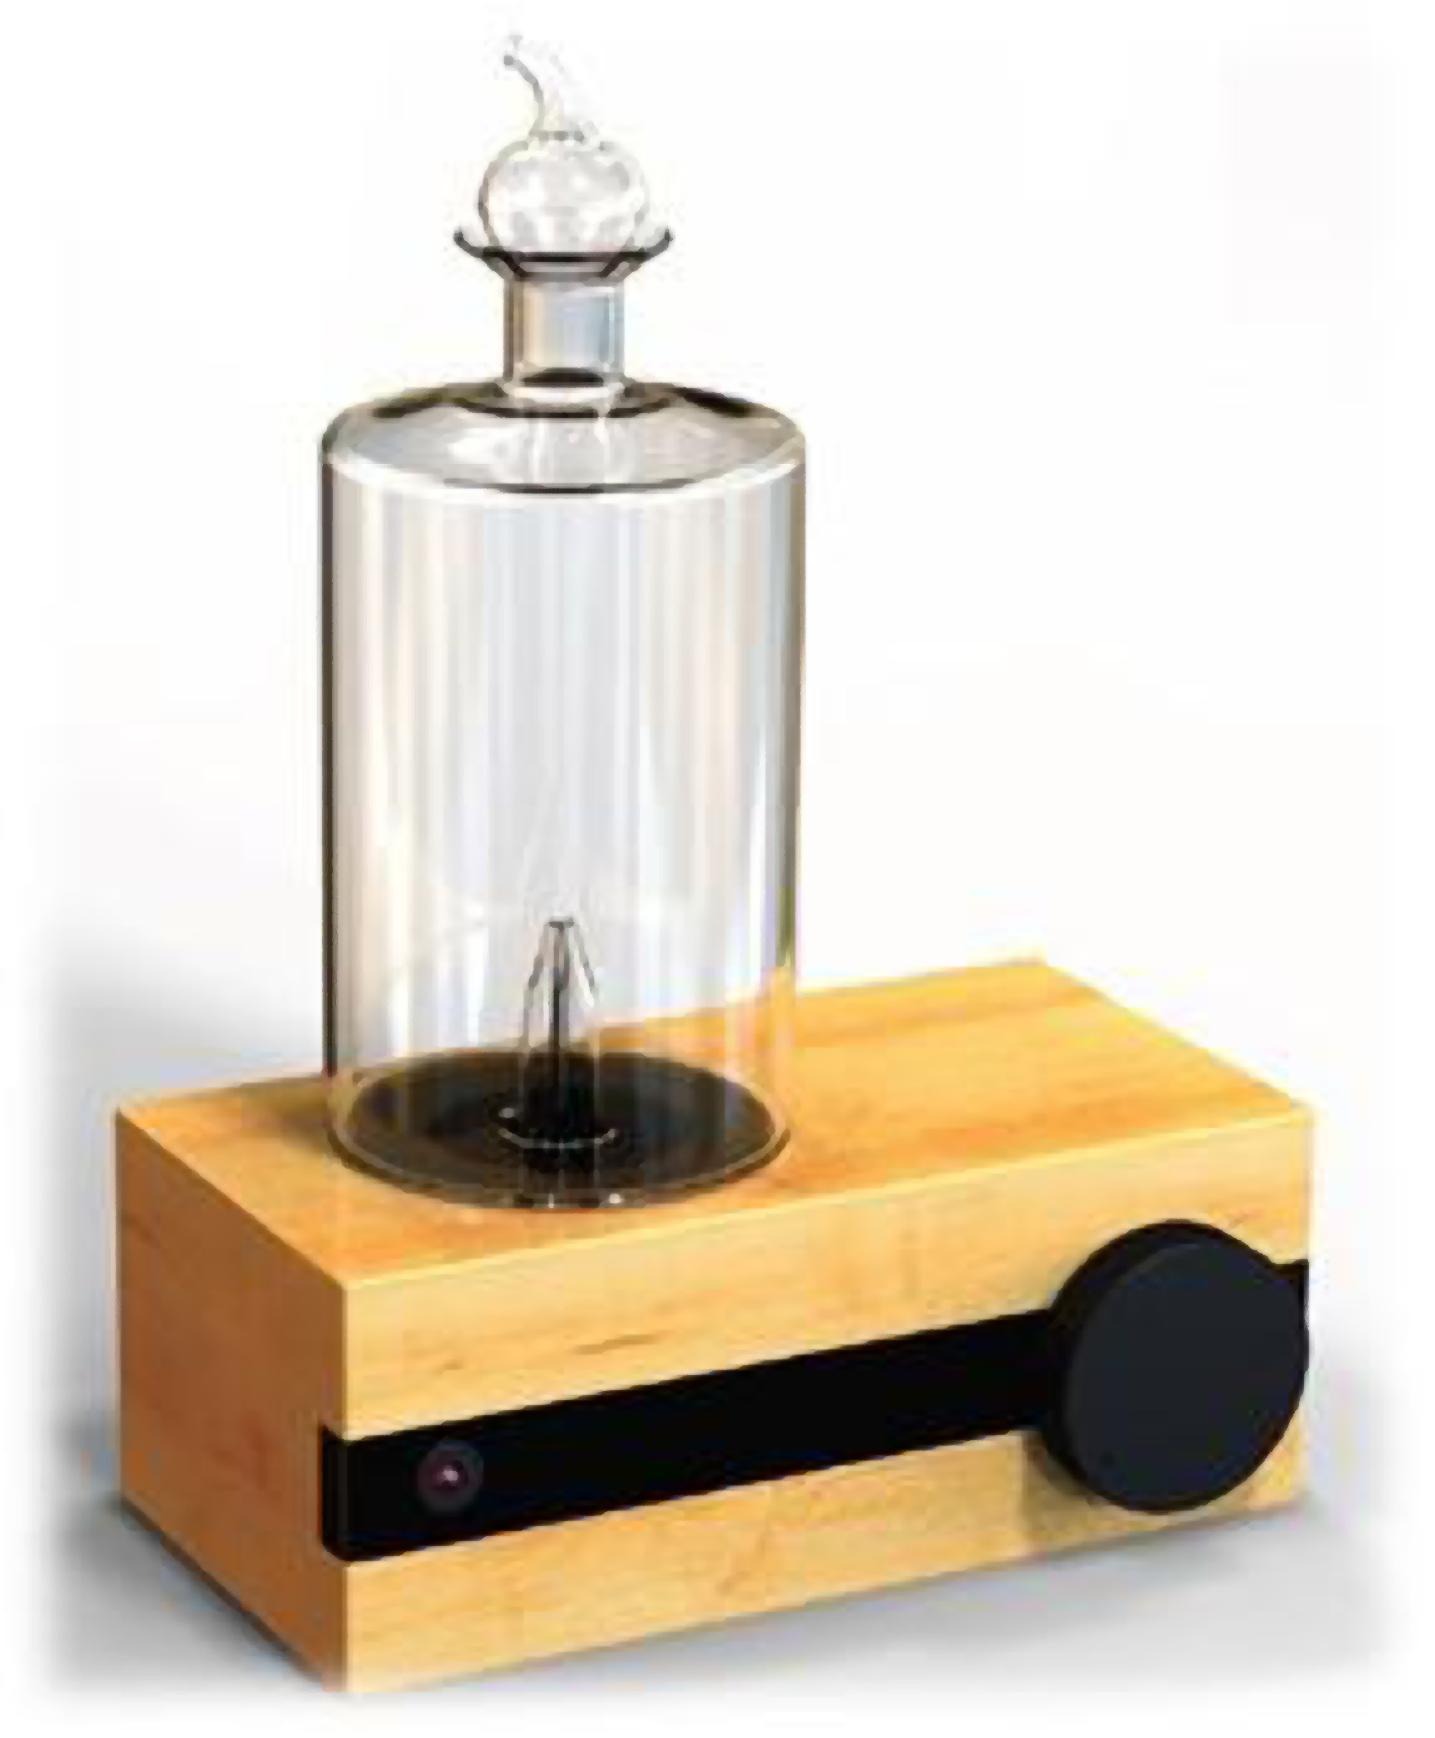 le nouveau diffuseur huiles essentielles florame www. Black Bedroom Furniture Sets. Home Design Ideas